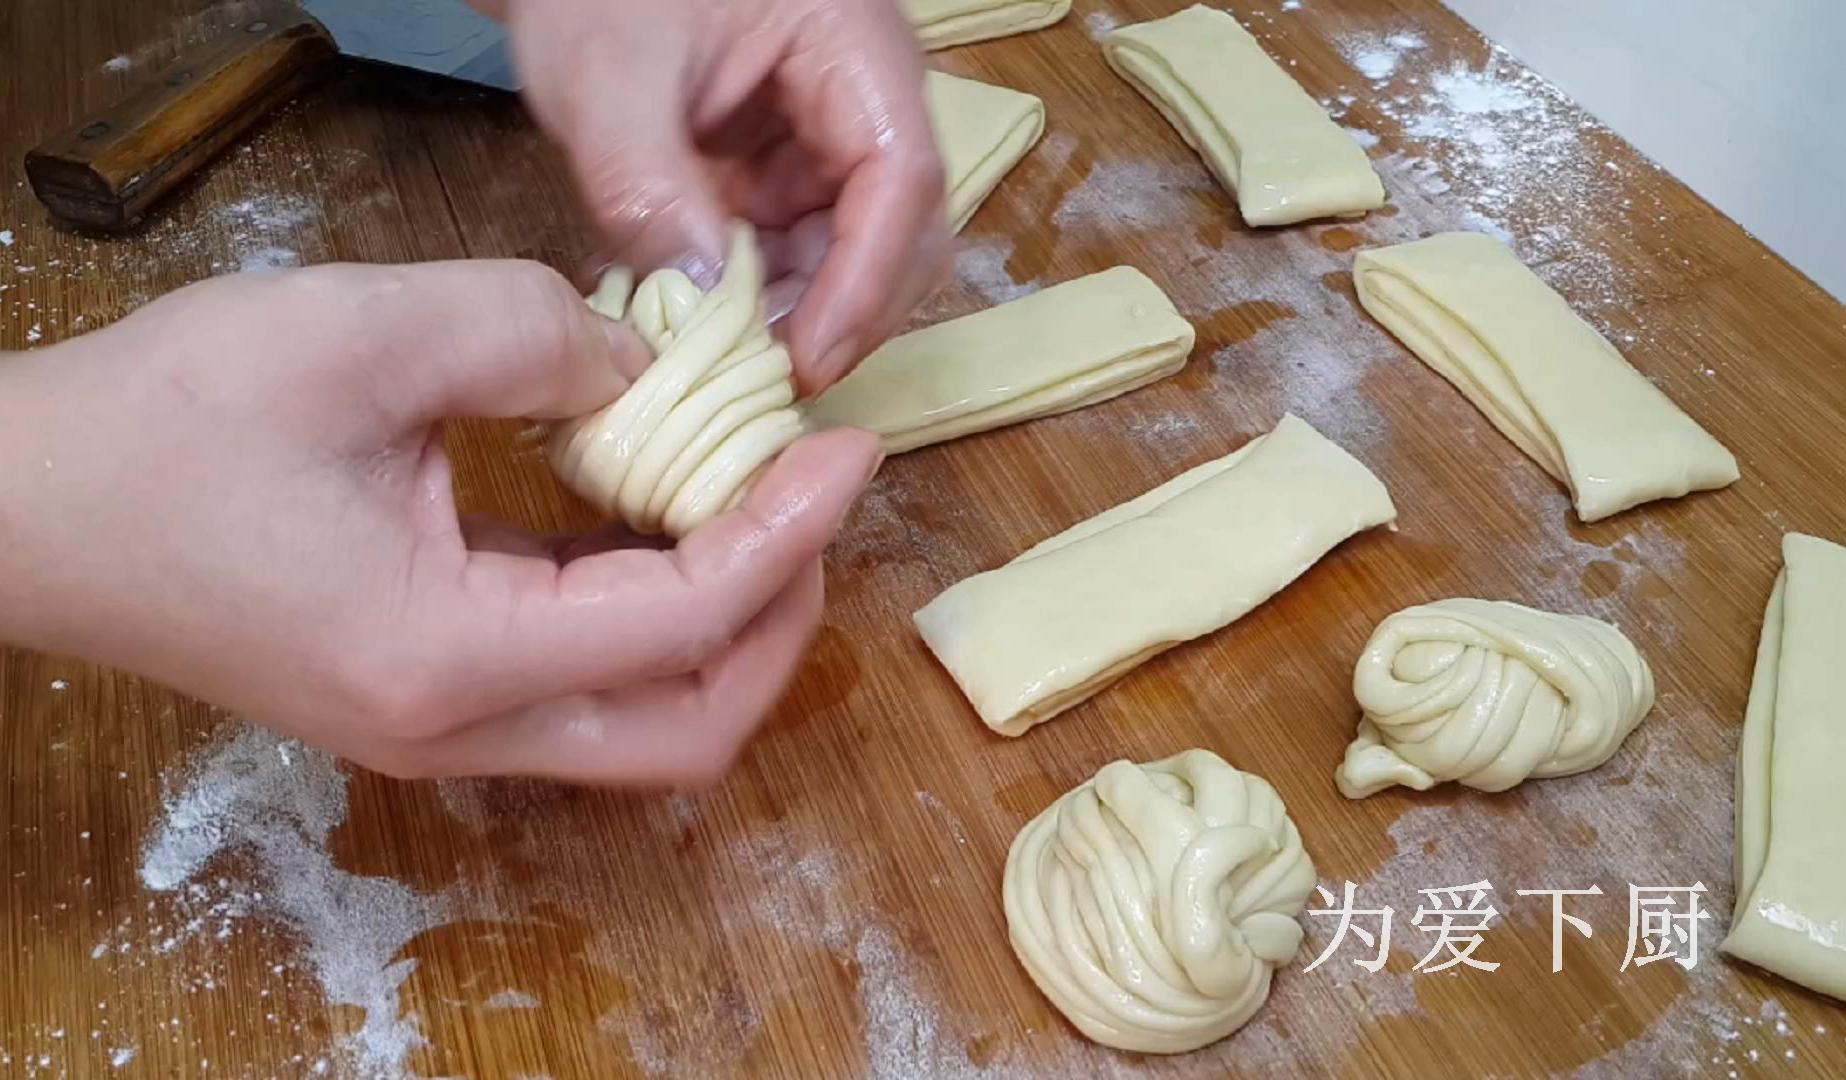 花卷這樣做才最好吃,不用蒸不用烙,吃一口就愛上了,比麵包還香